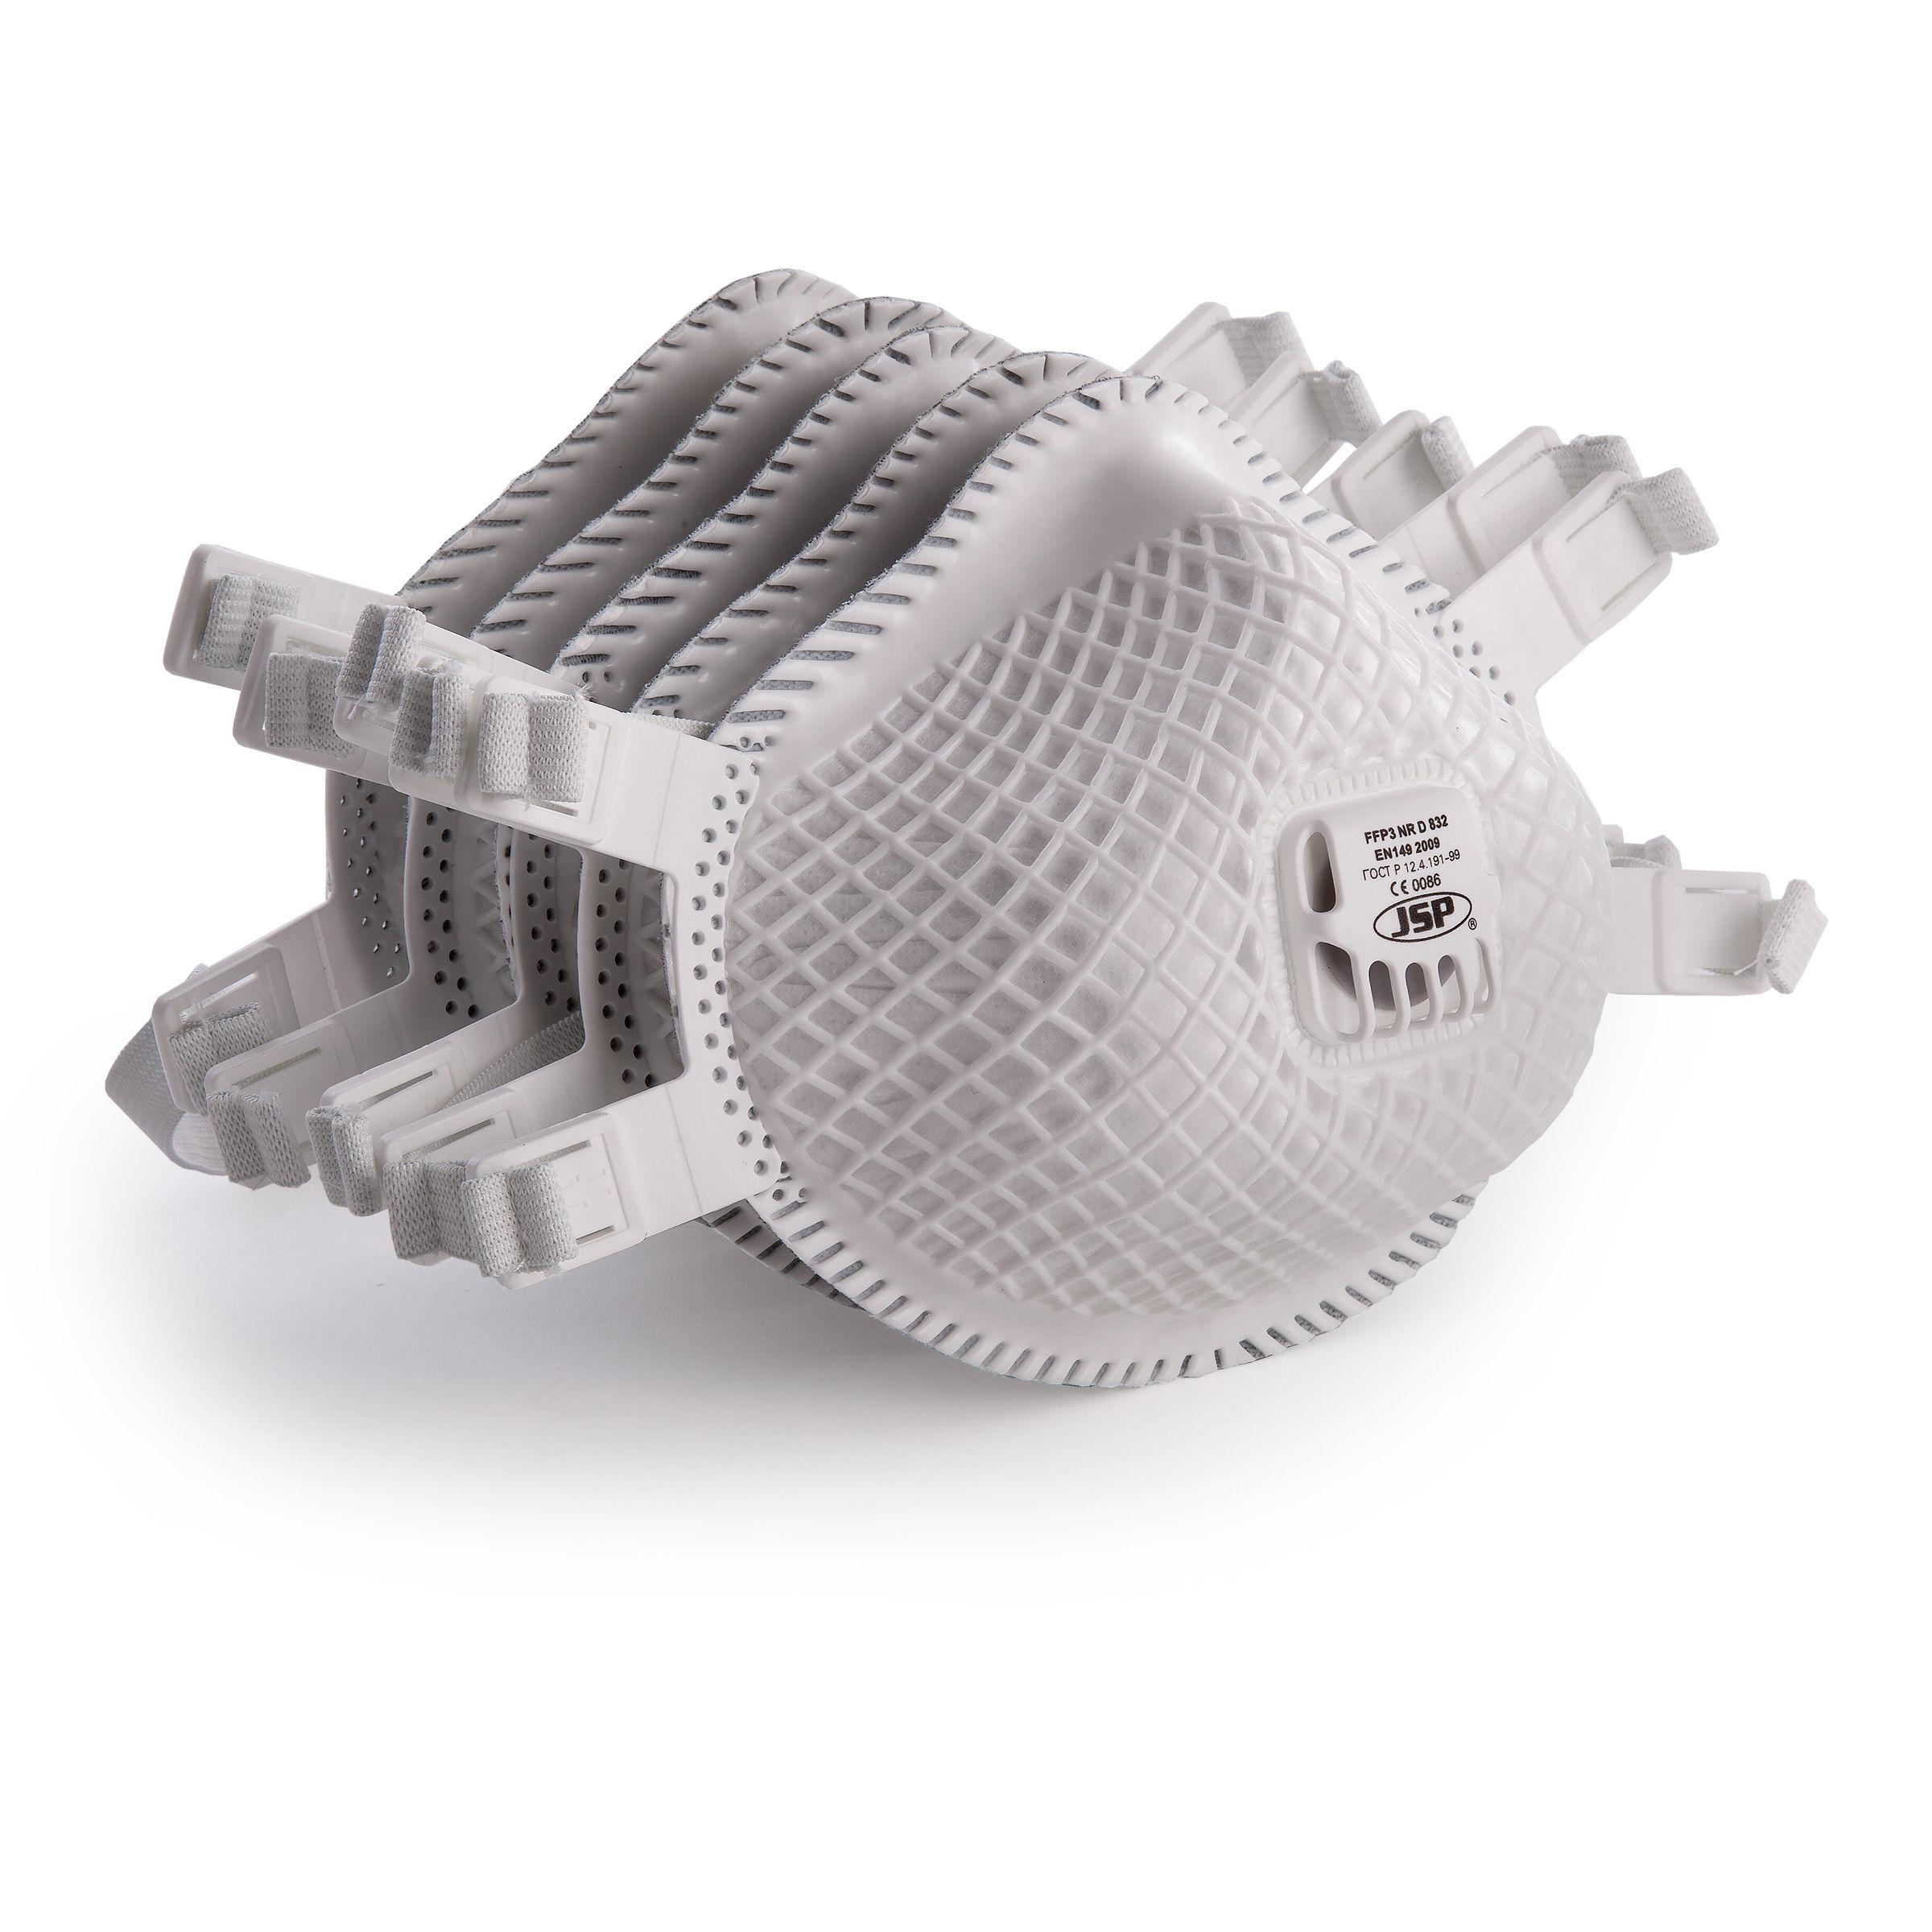 JSP BER130-001-000 Flexinet Mask FFP3 Valved (832) (Pack of 5)